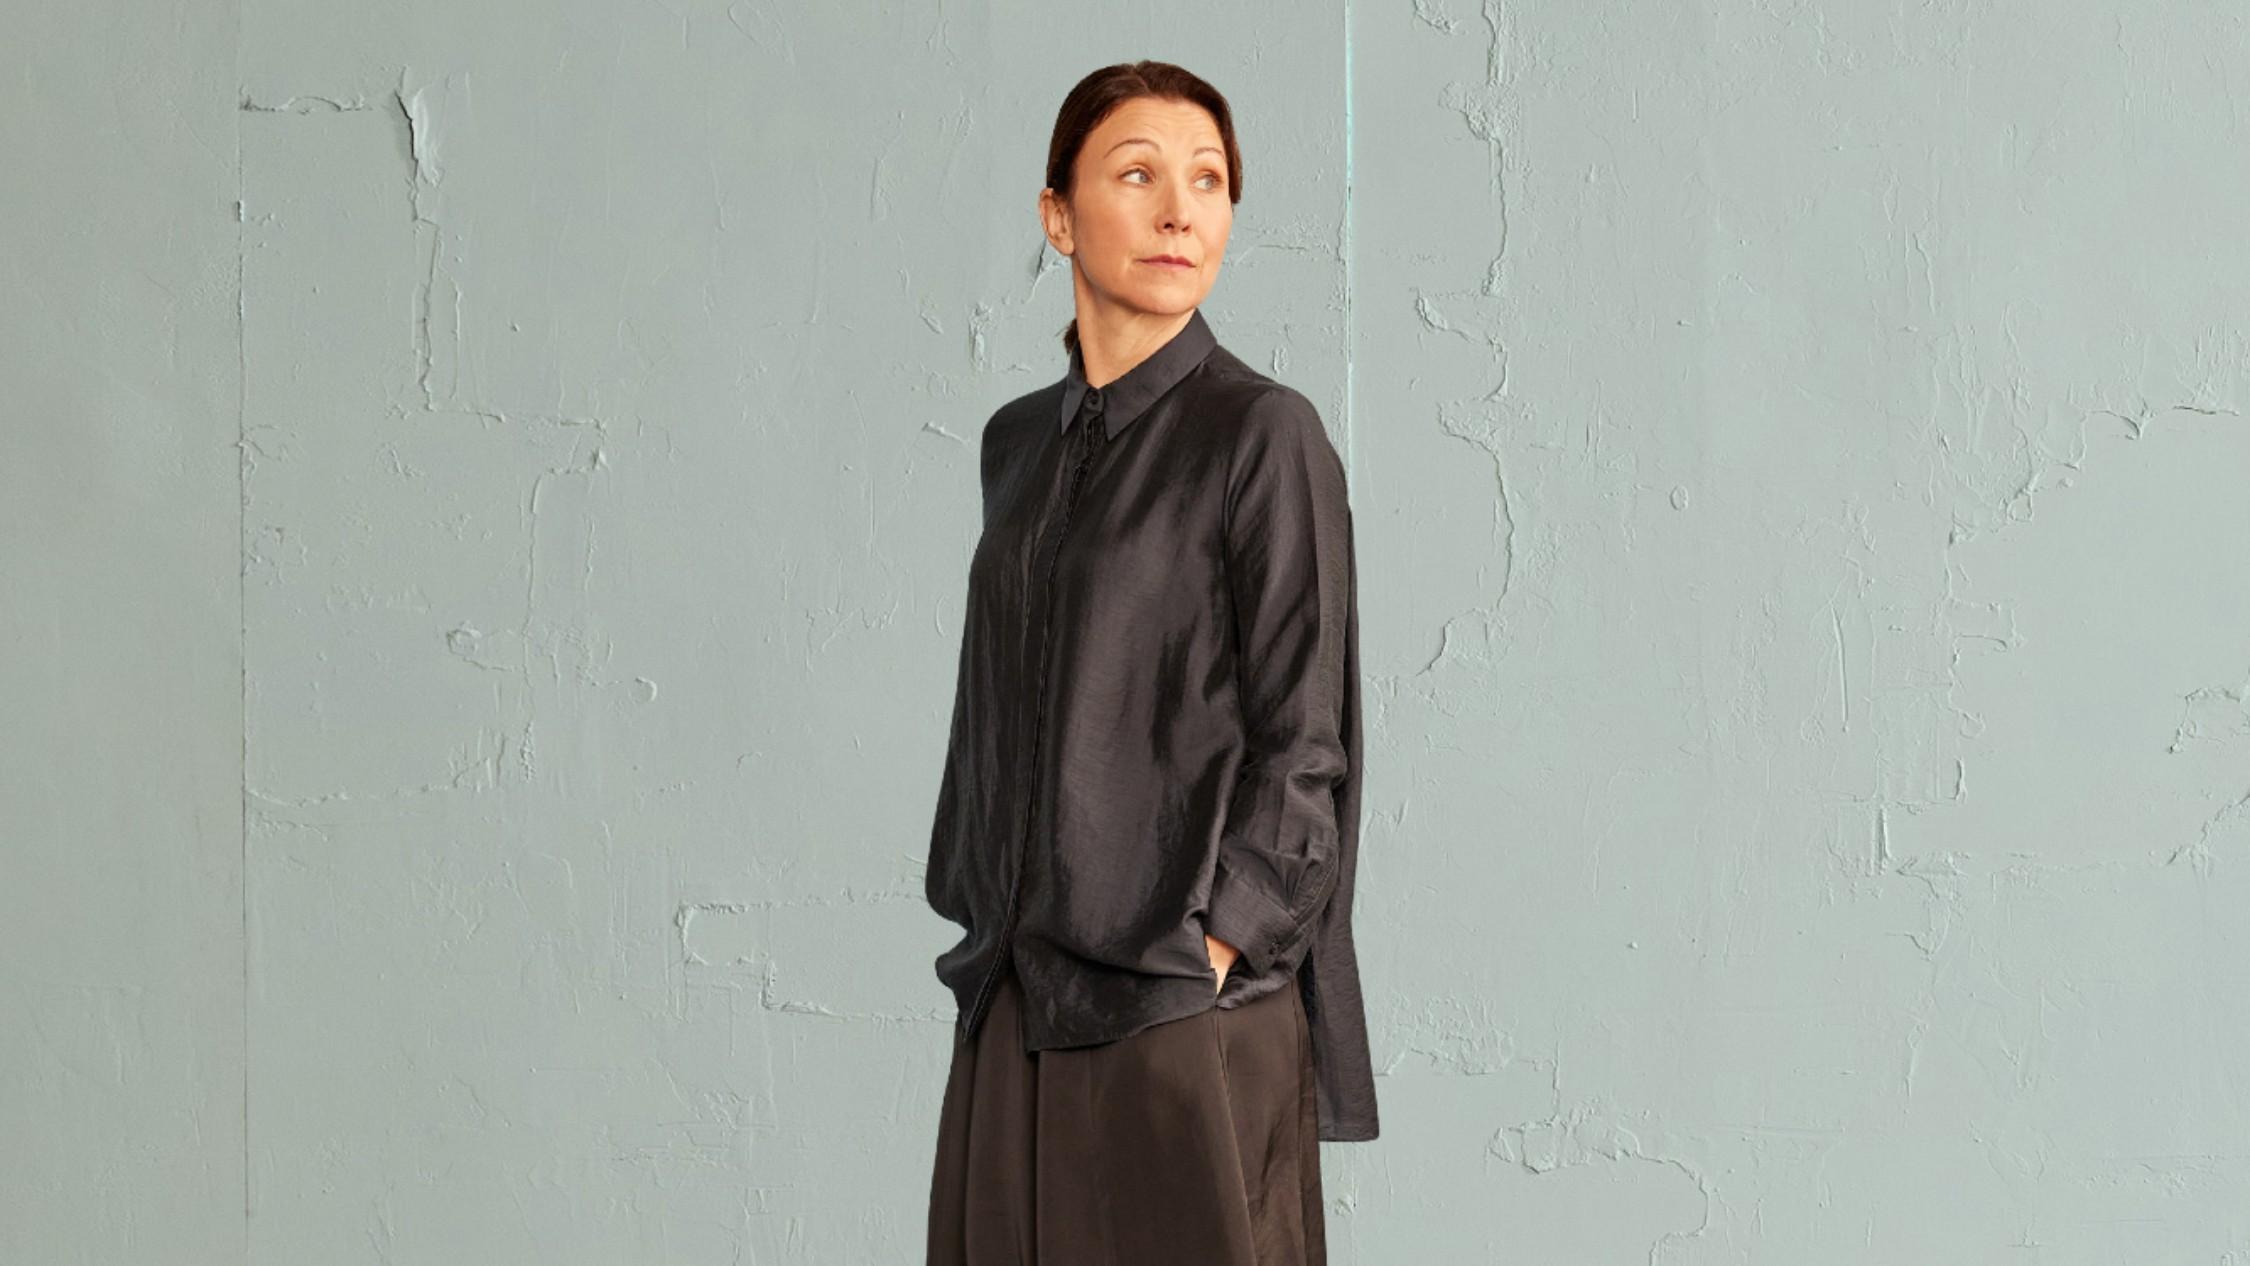 Anita Hegh in dark smocks in Belvoir's A Room of One's Own